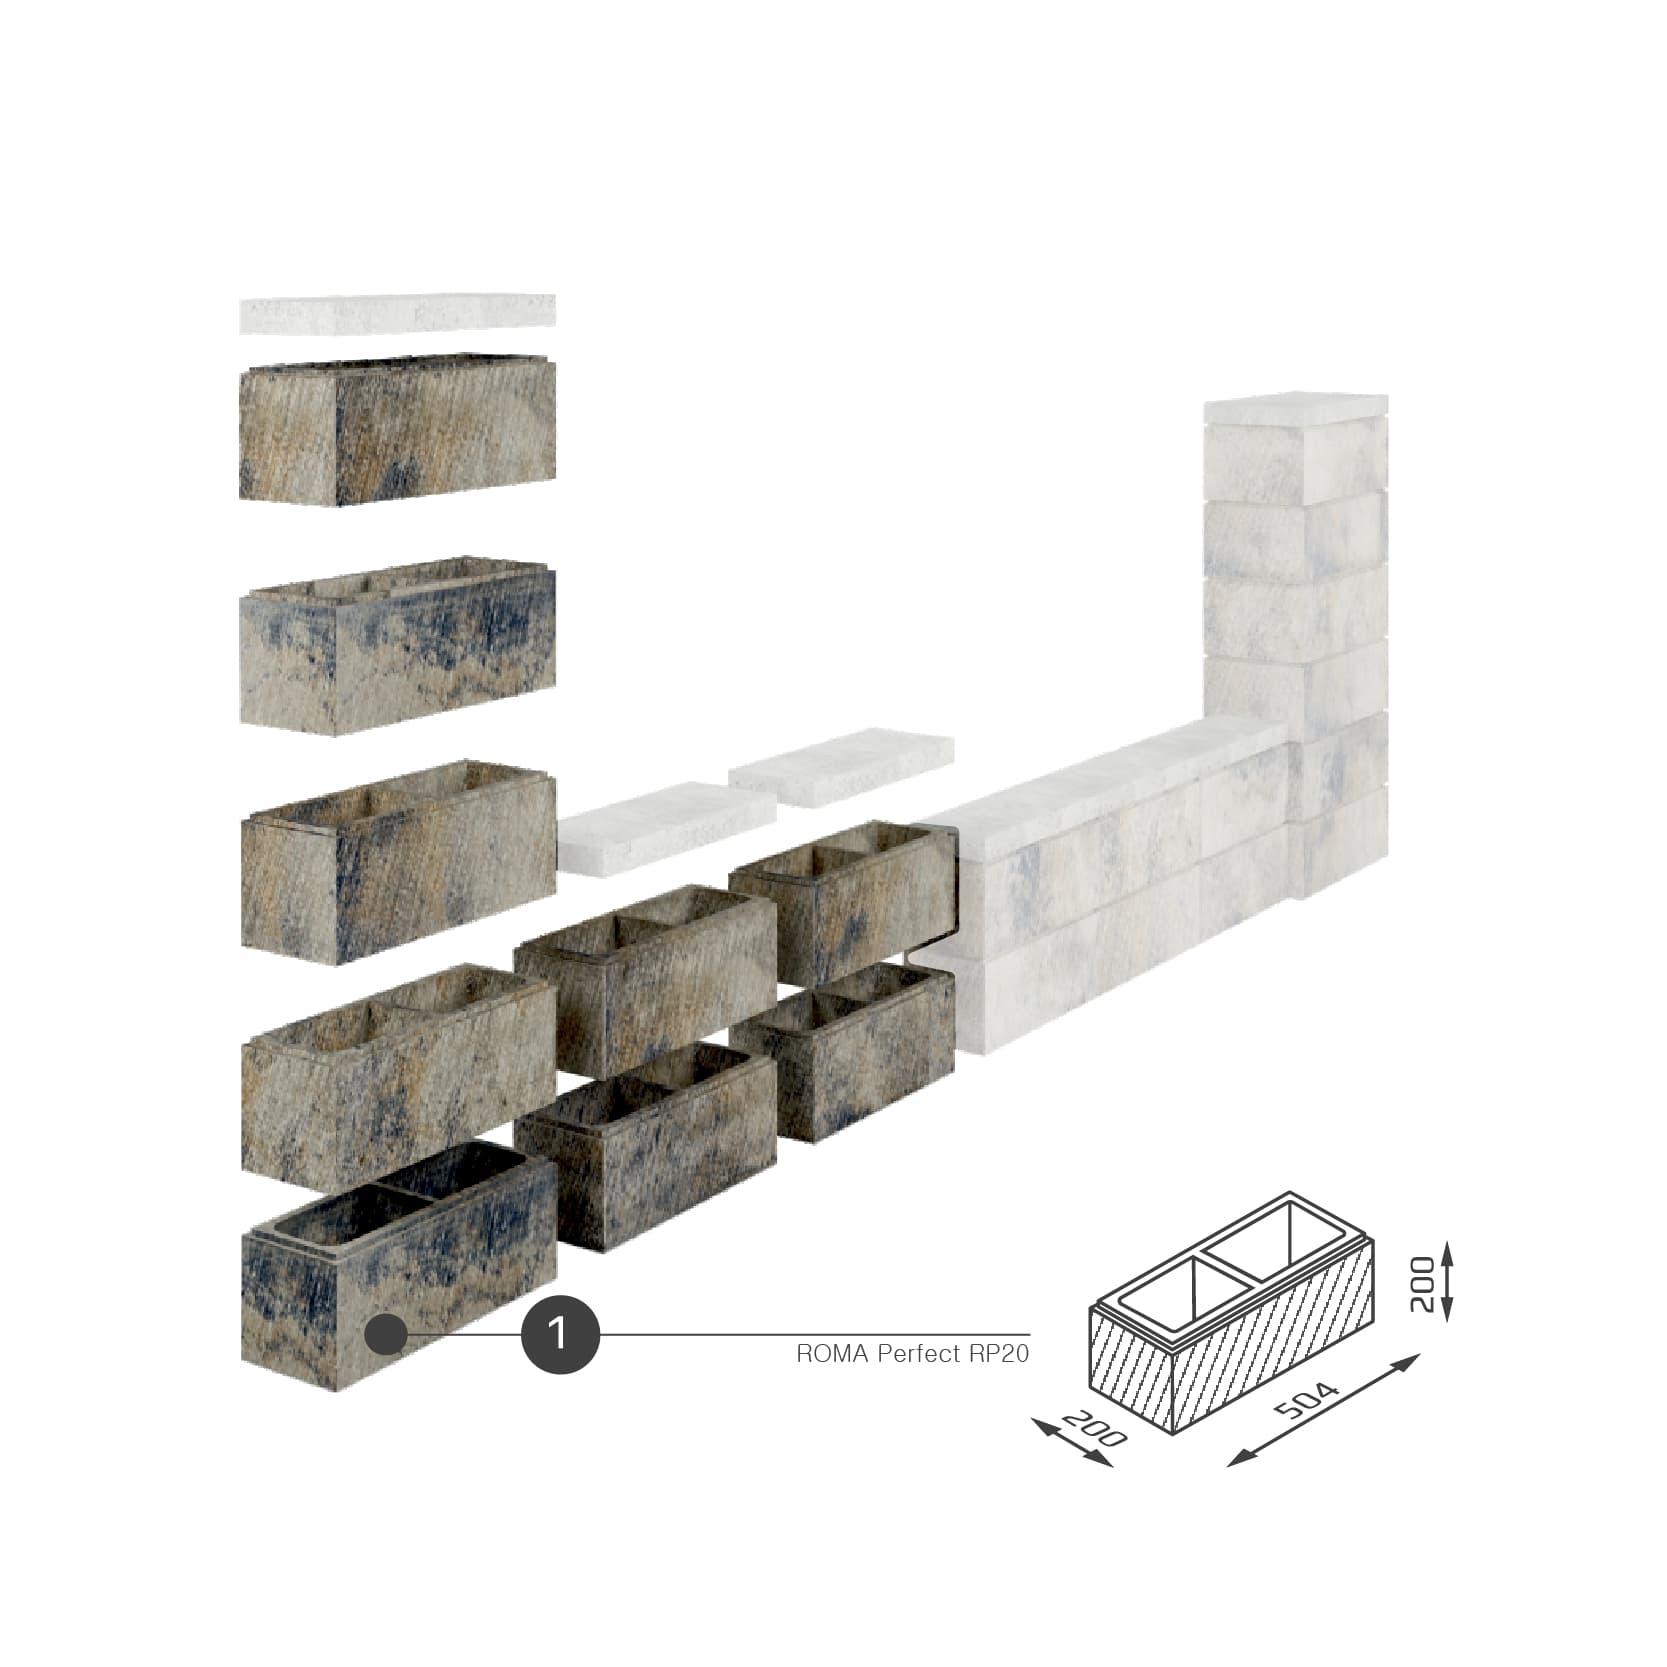 nowoczesne-bloczki-drapane-na-ogrodzenie-joniec-roma-perfect-rp20-schemat